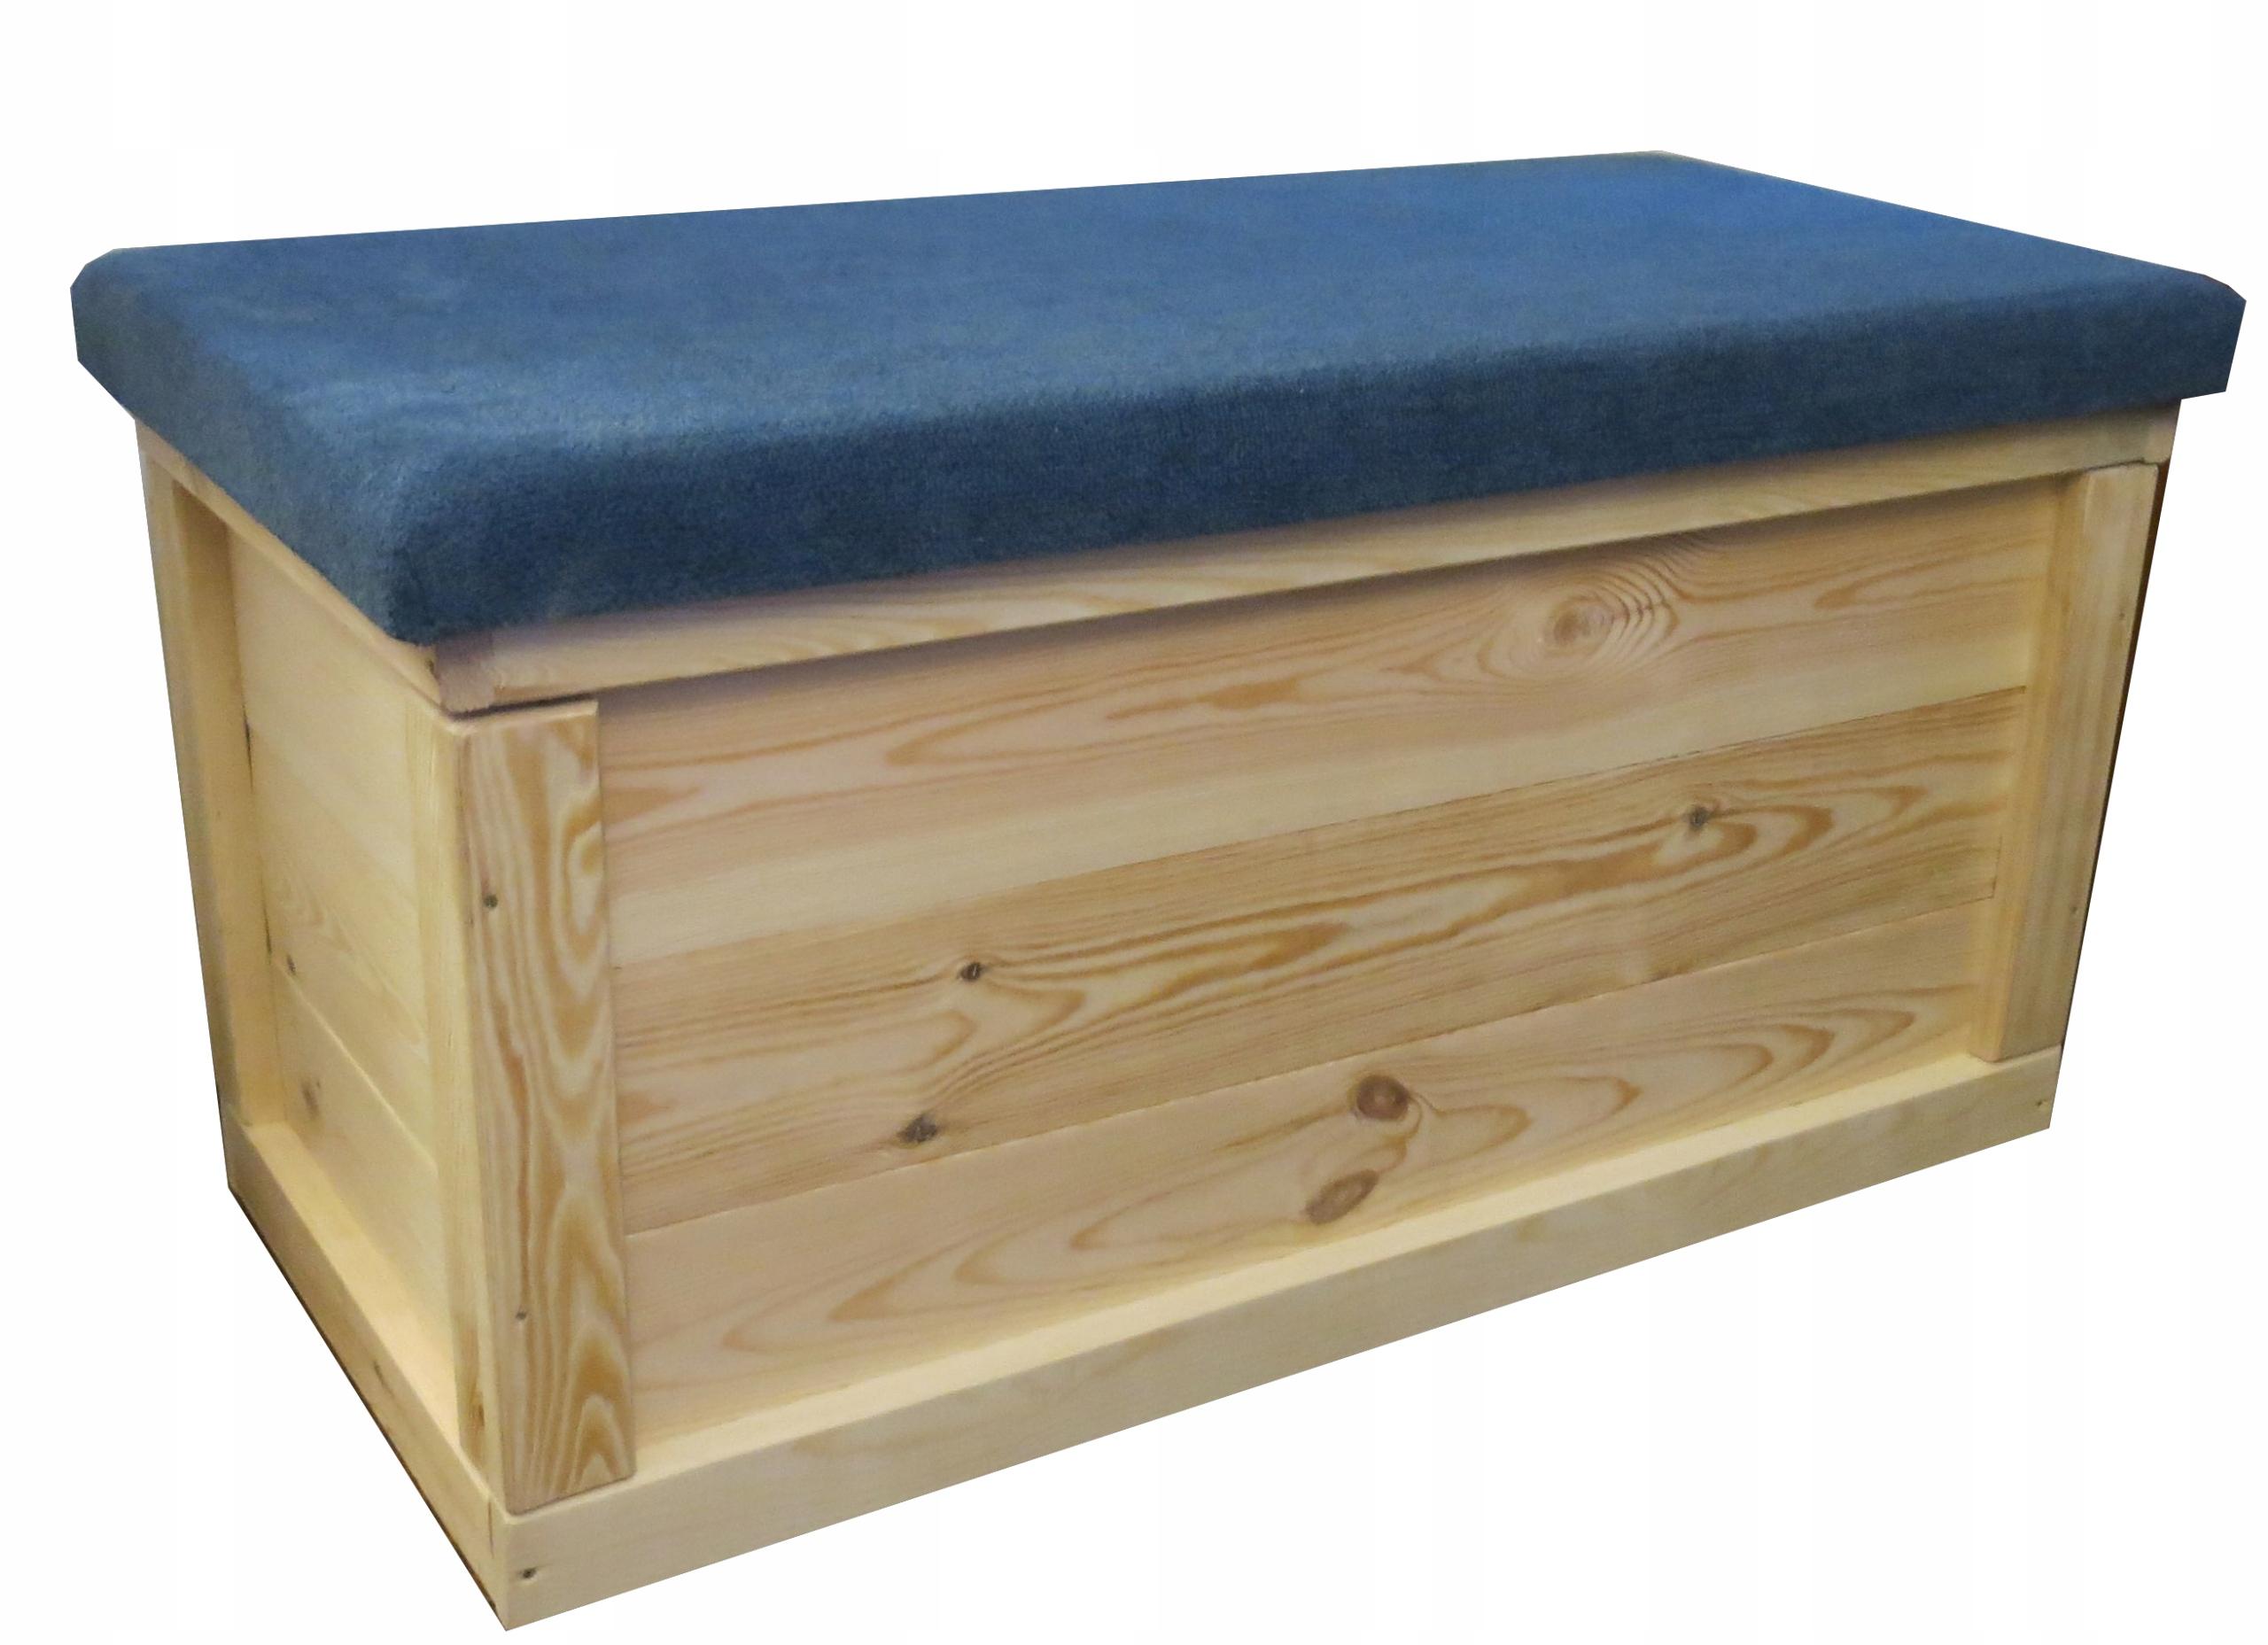 Skrzynia kufer drewniany tapicerowany duży pufa